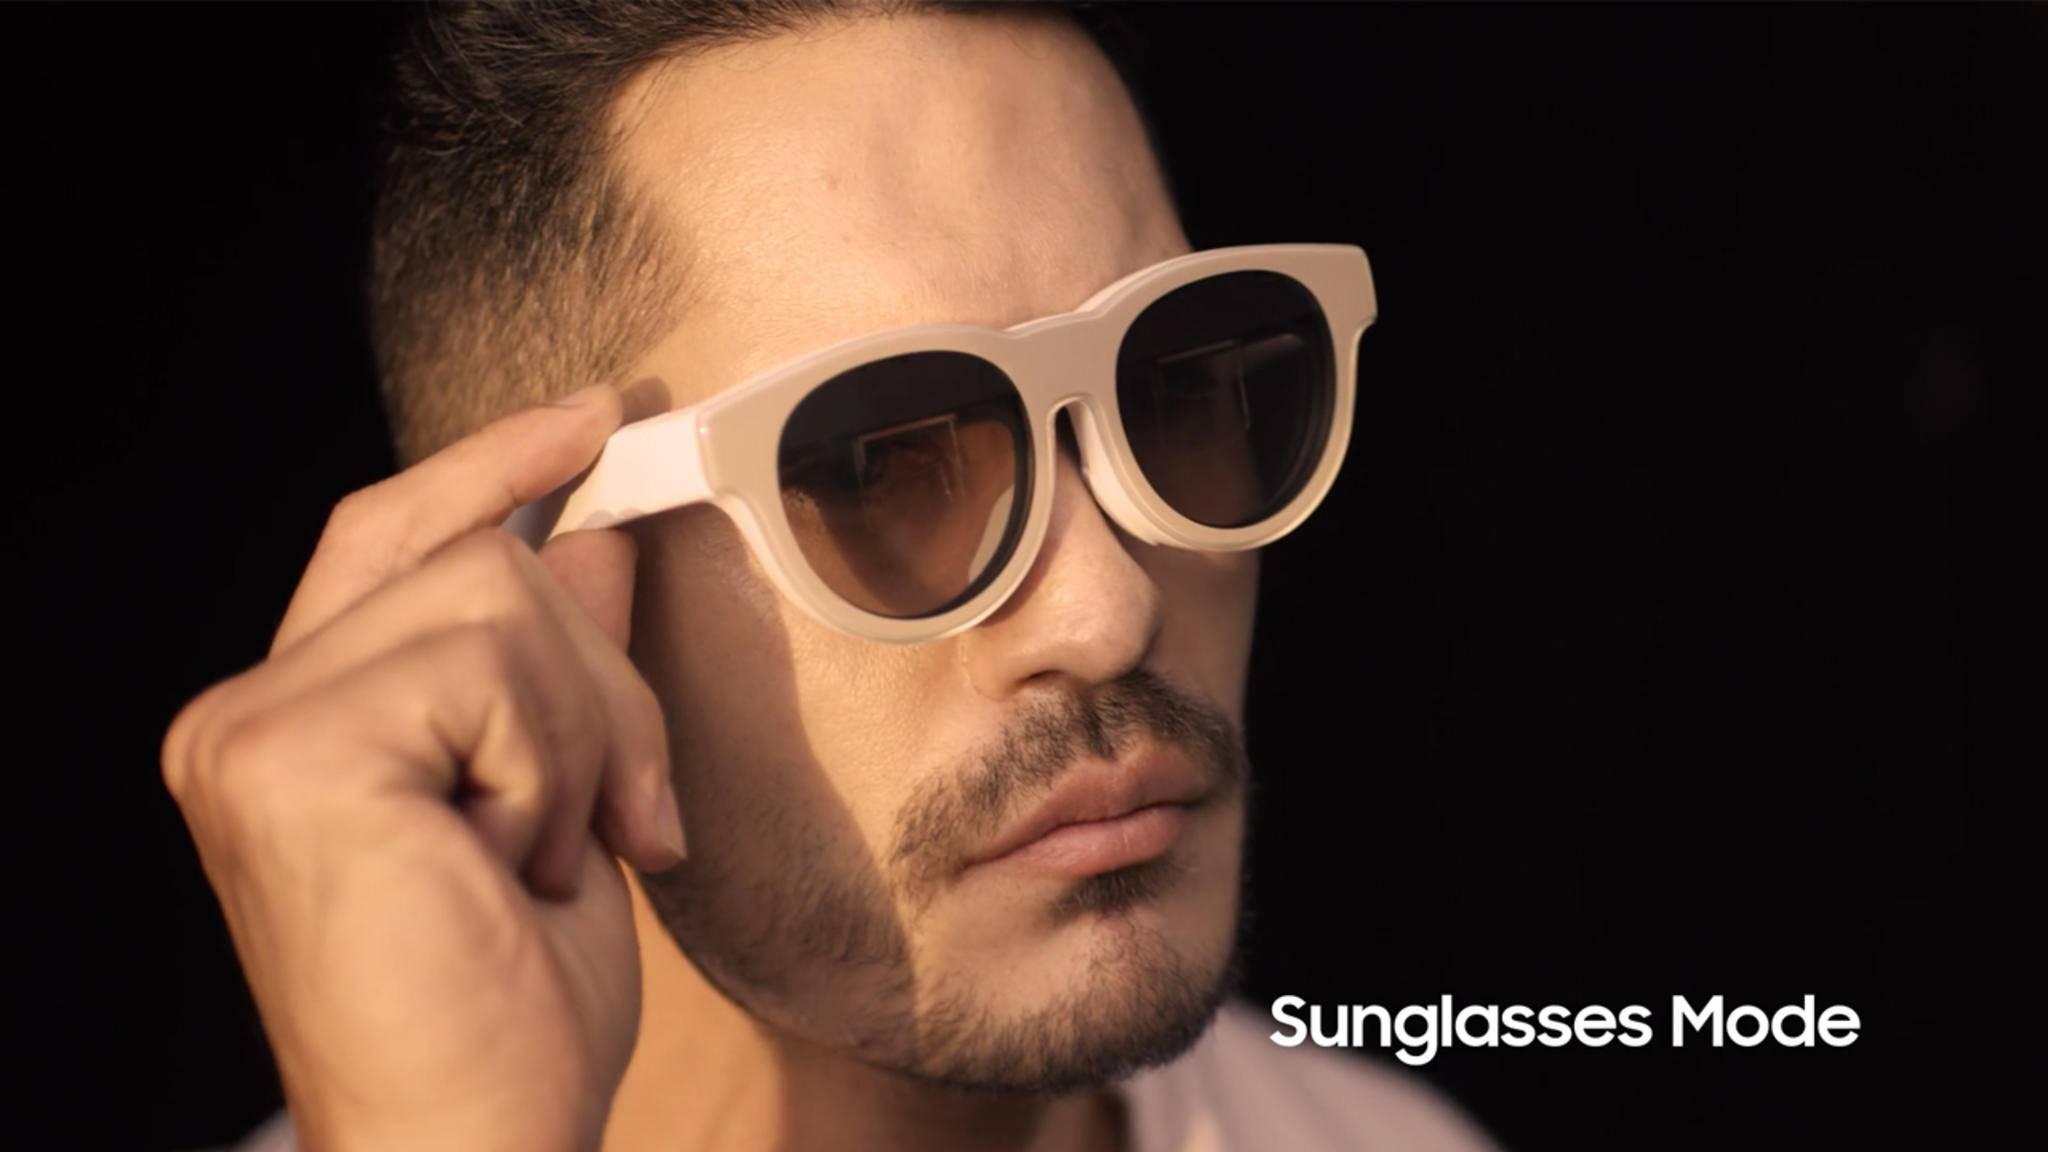 Die Samsung AR Glasses Lite können für den Einsatz im Freien abgetönt werden.